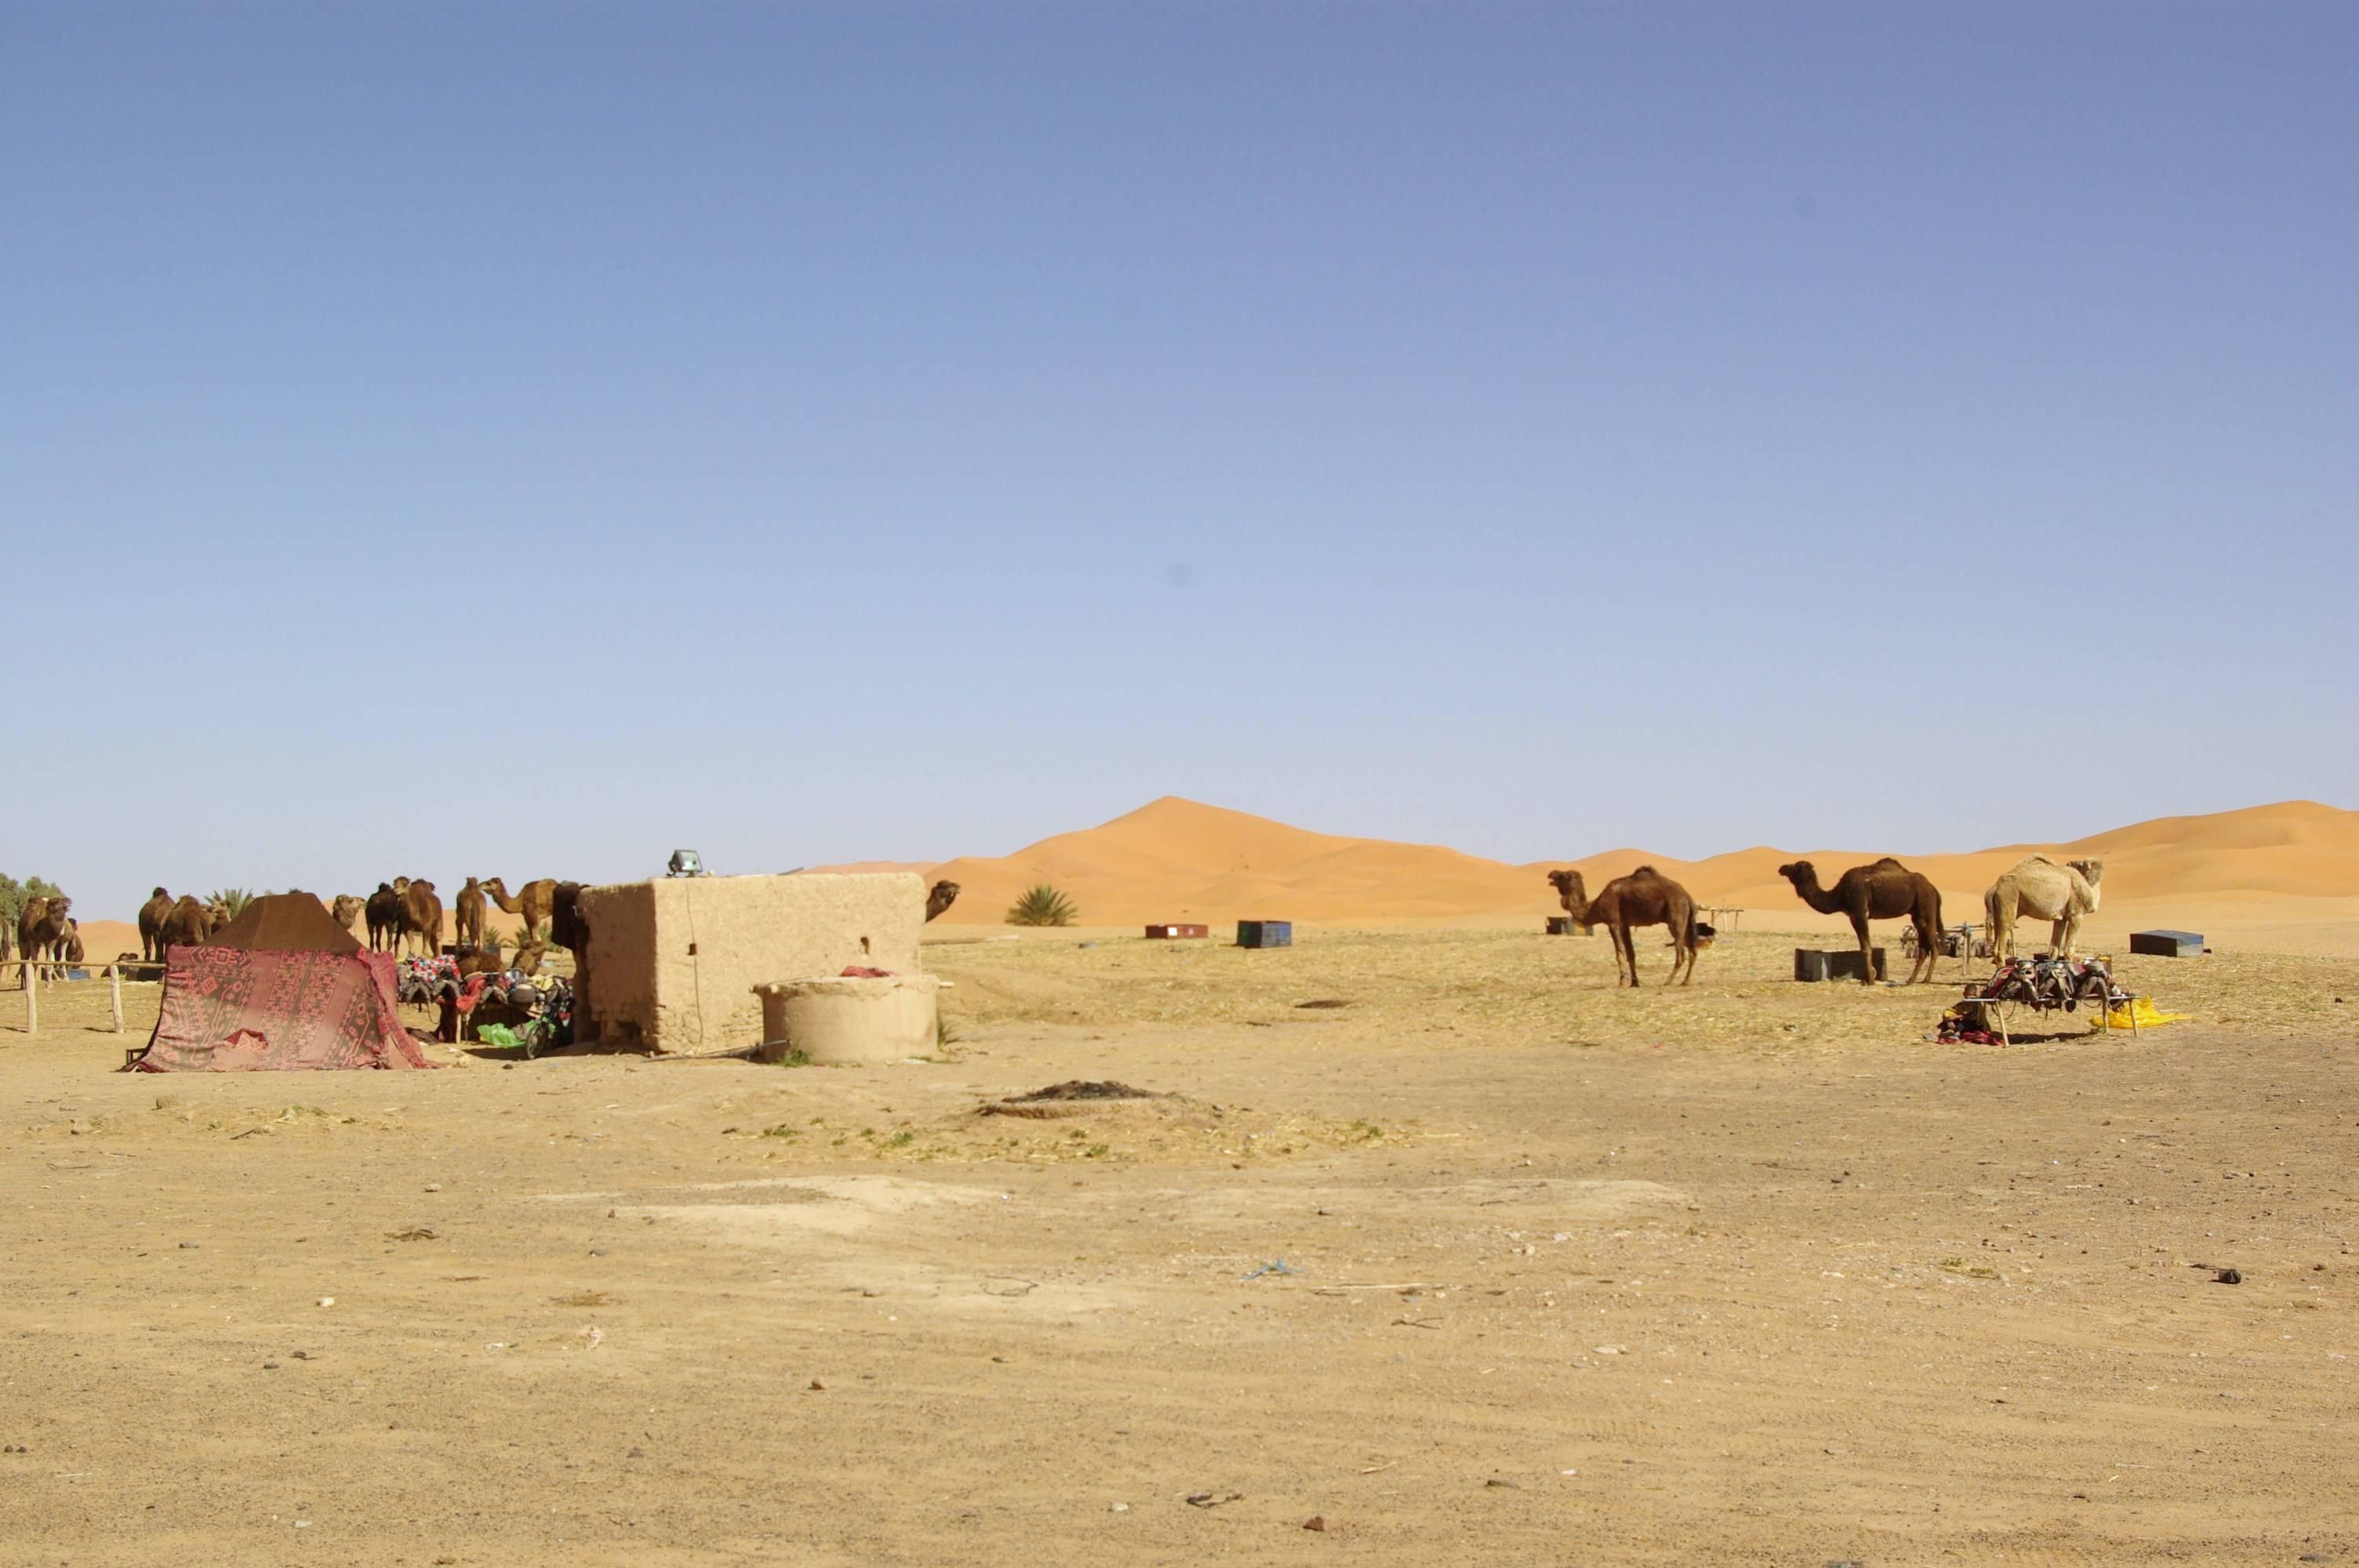 Photo 3: Merzouga, ses dunes et ses dromadaires